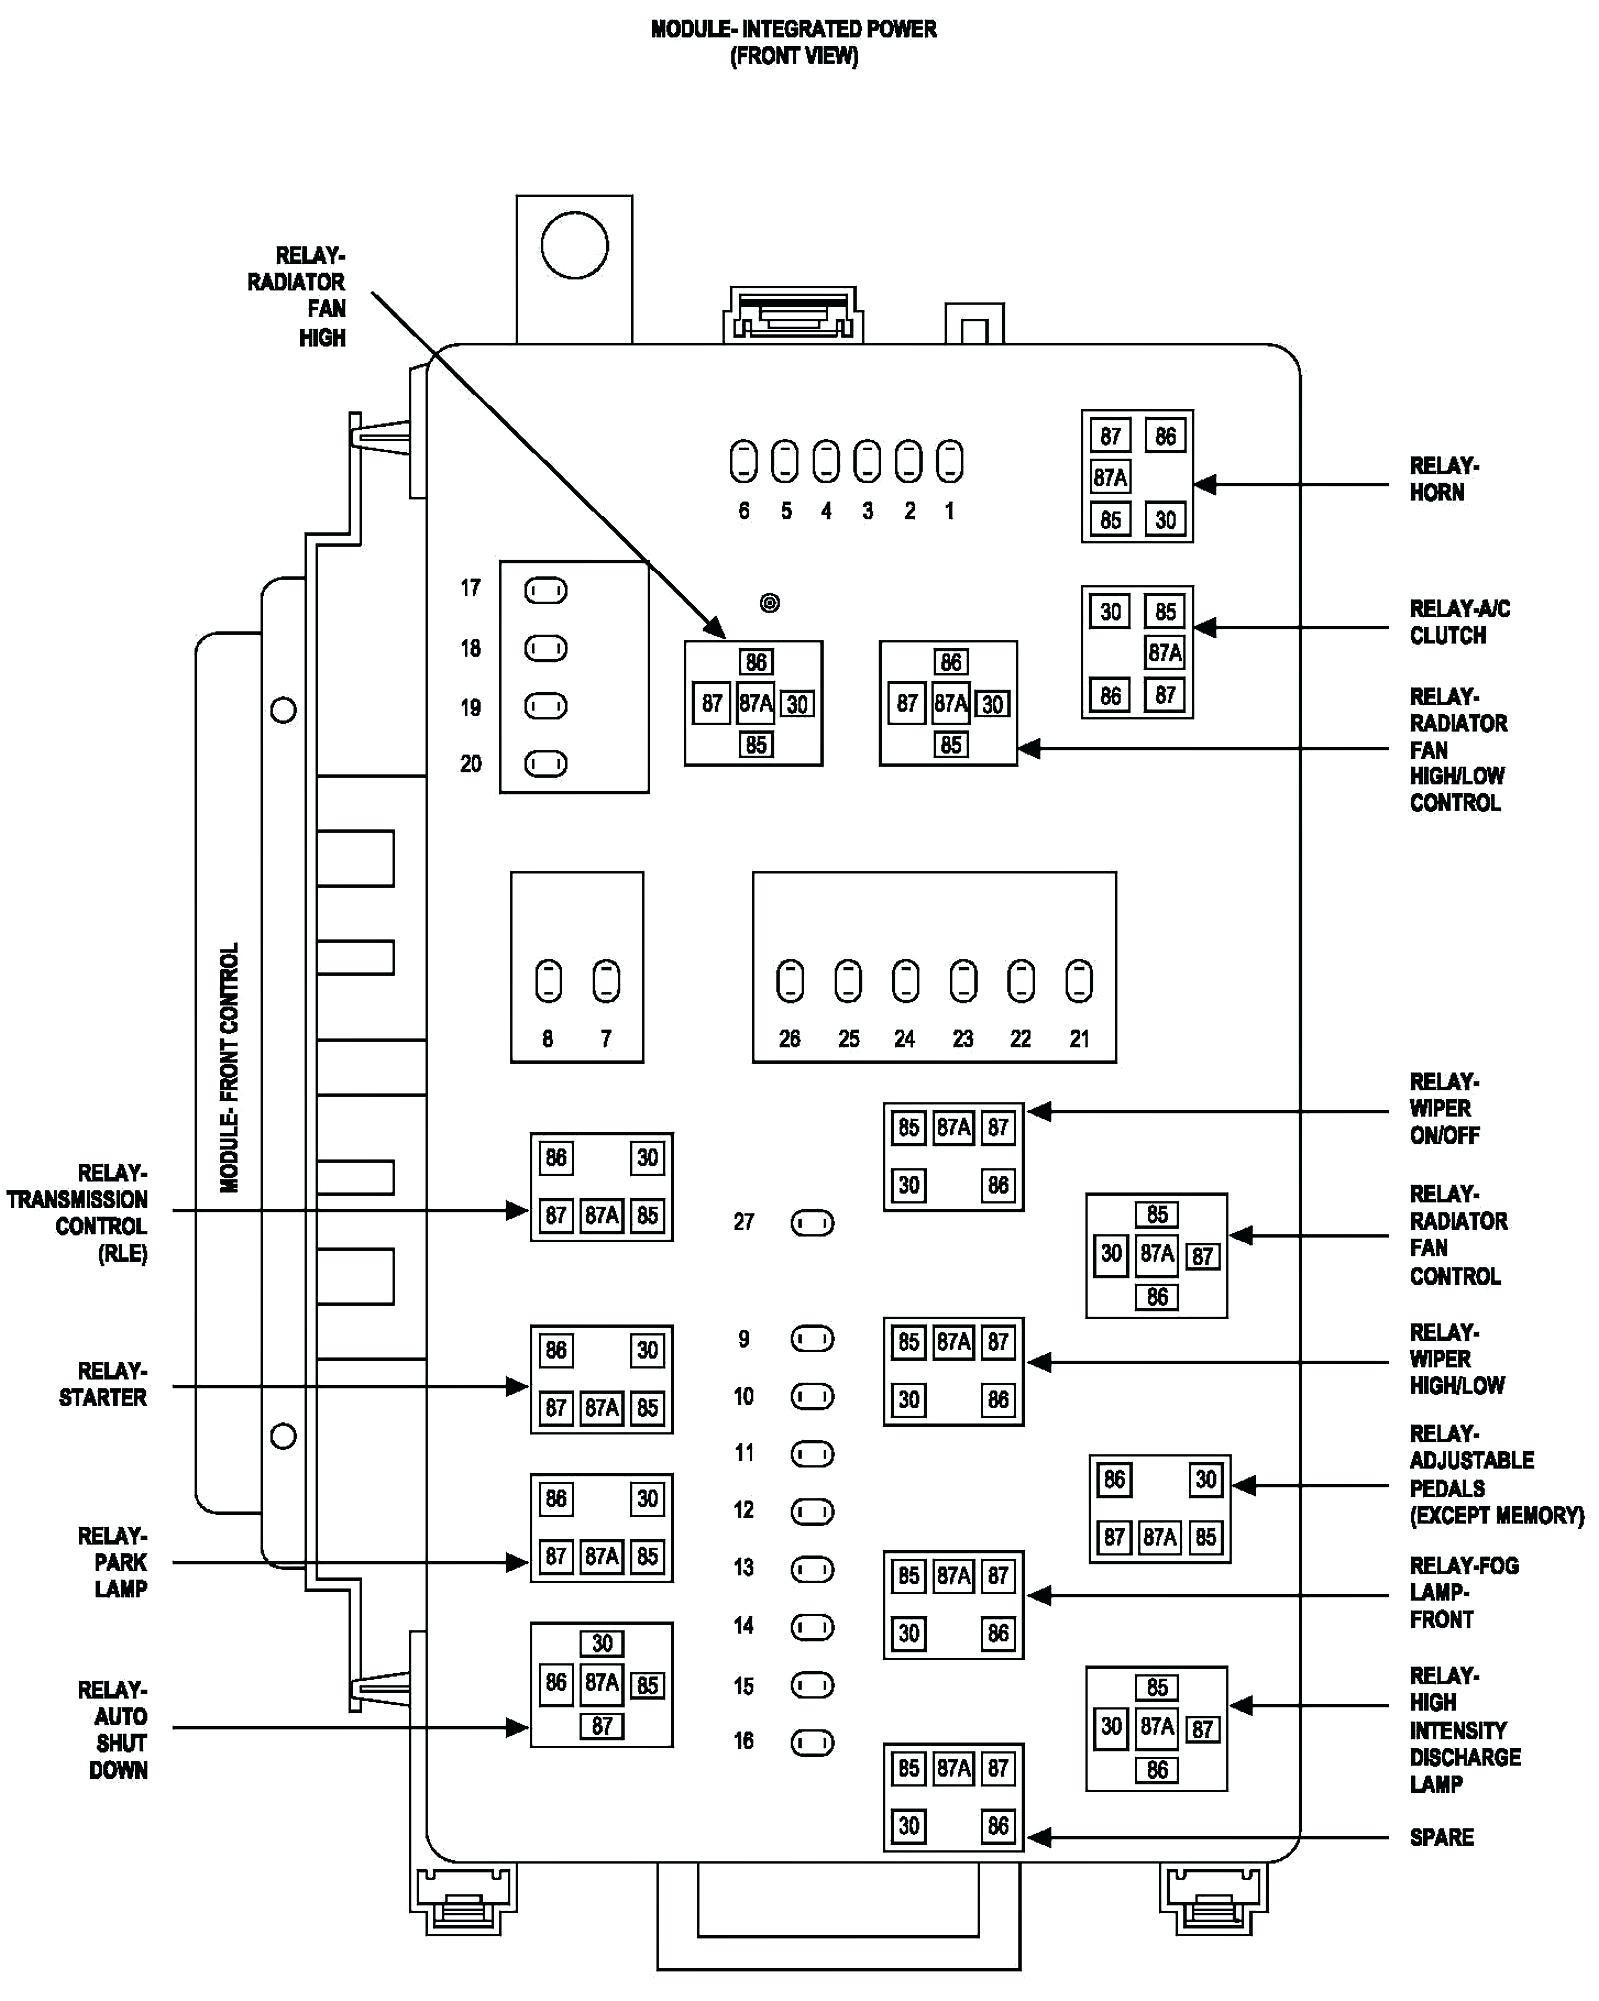 wiring diagram for 1995 chrysler concorde chrysler concorde wiring diagram hvac #14